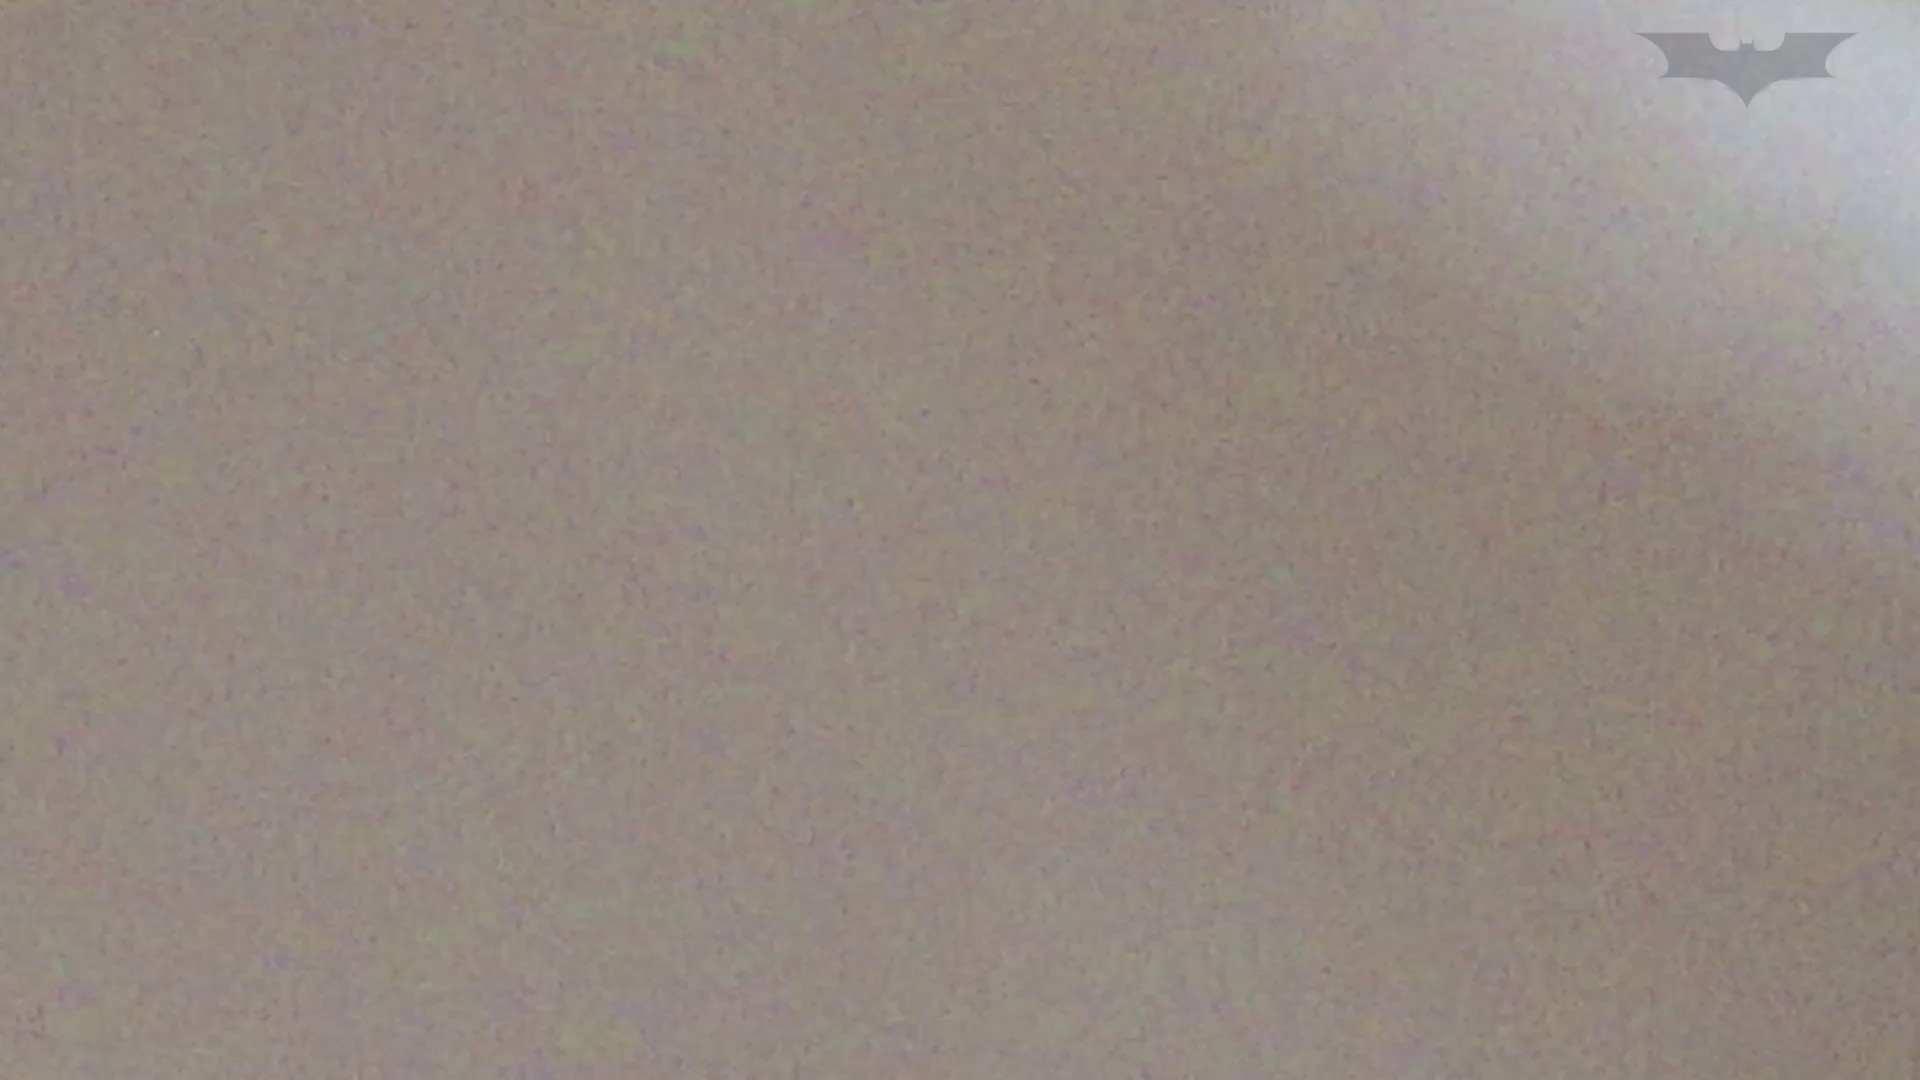 JD盗撮 美女の洗面所の秘密 Vol.66 盗撮エロすぎ | トイレ中  43連発 14